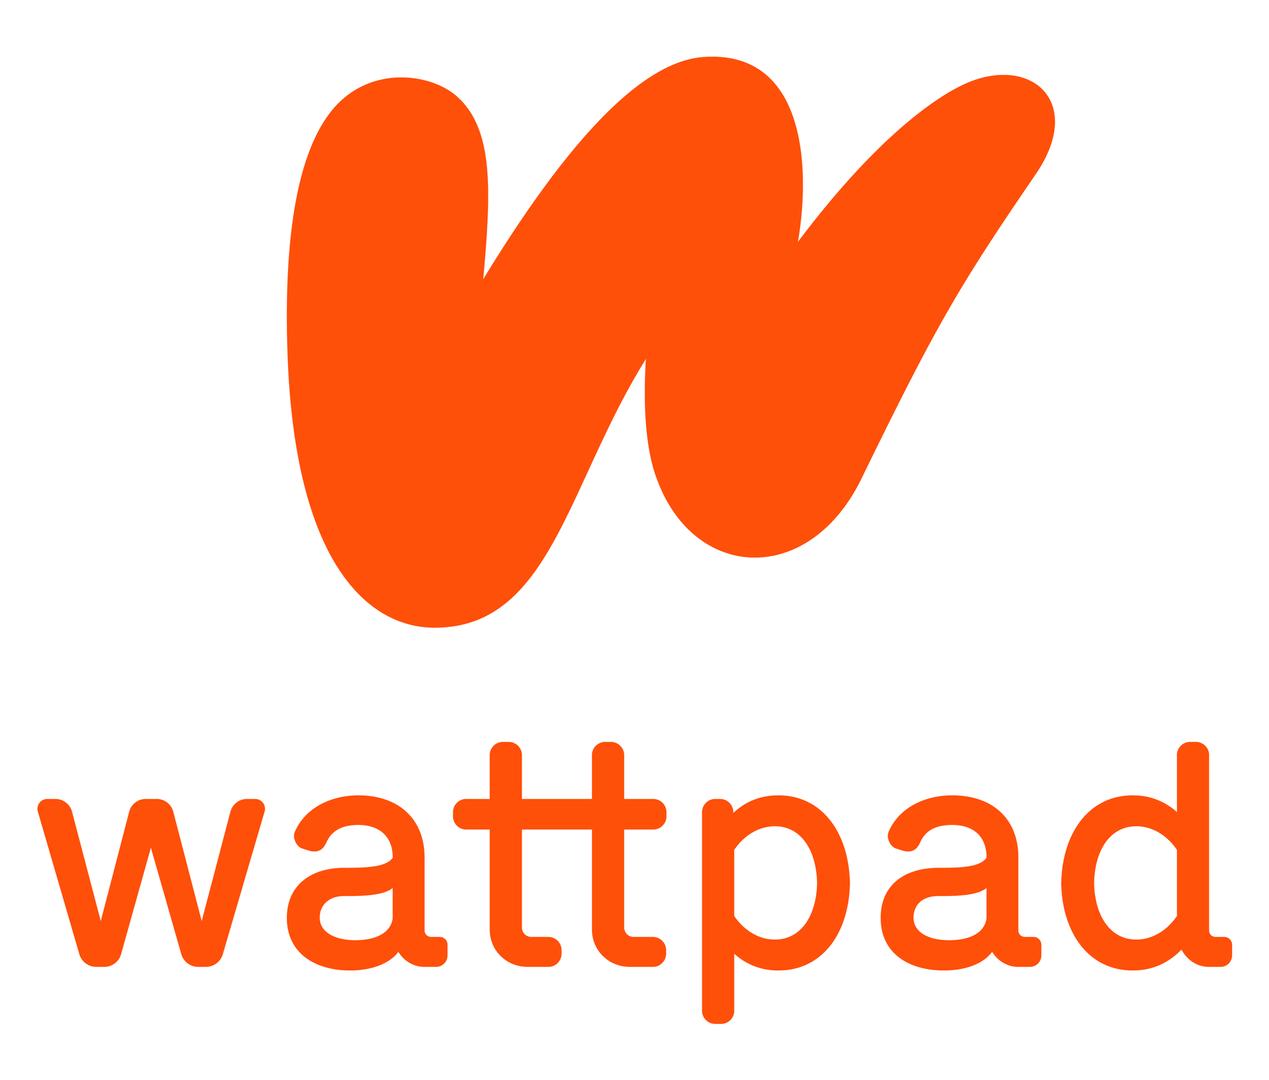 wattpad_logo_stacked.png